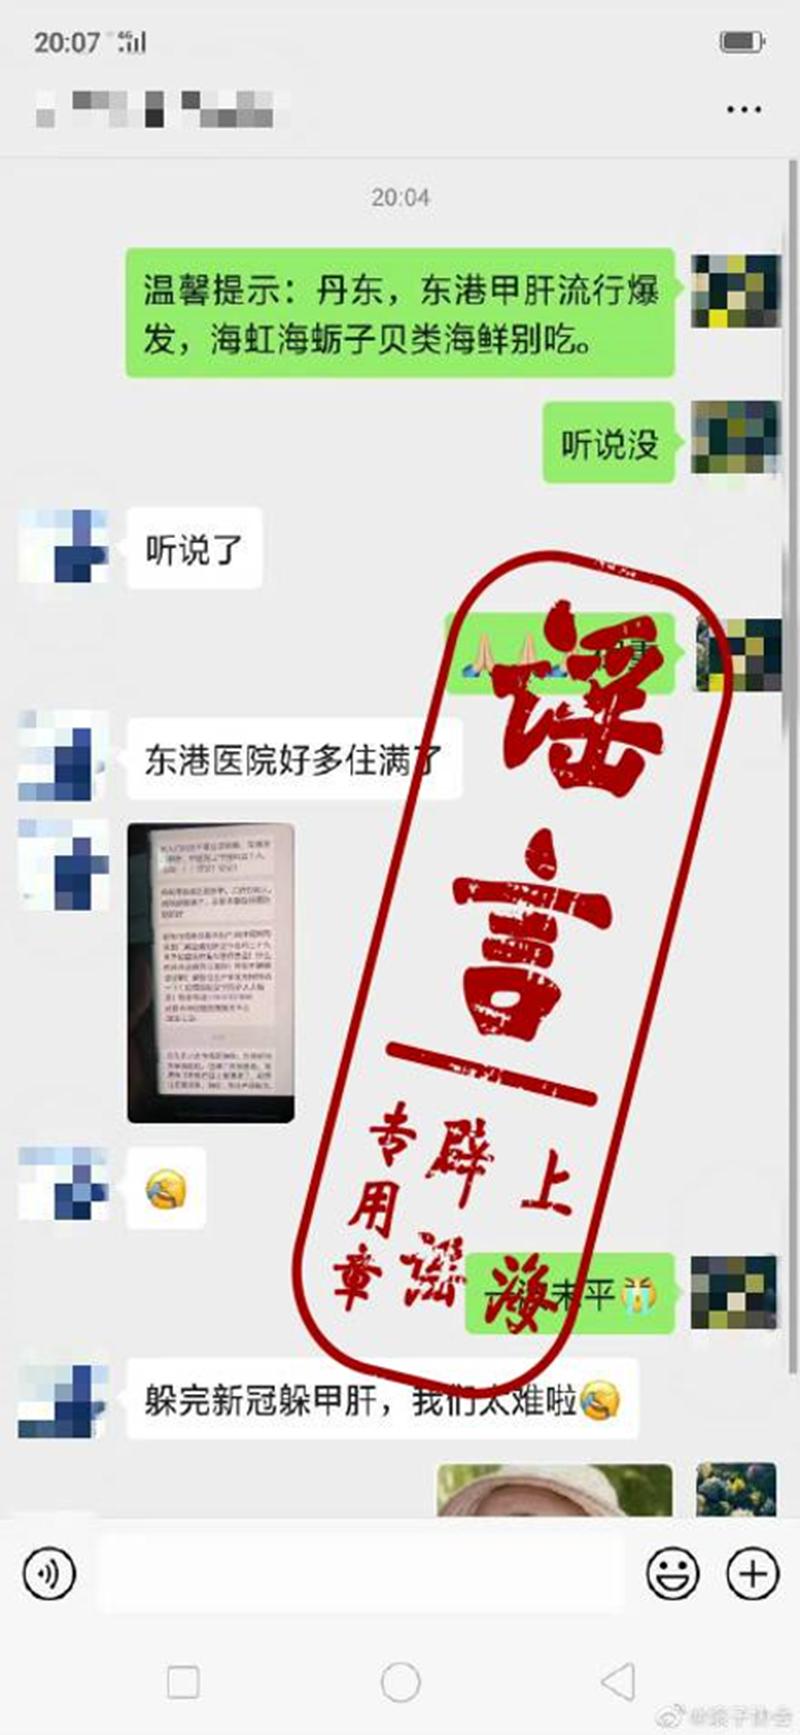 Trung Quốc: Khu vực Đại Liên, Đan Đông bùng phát bệnh viêm gan (ảnh 3)